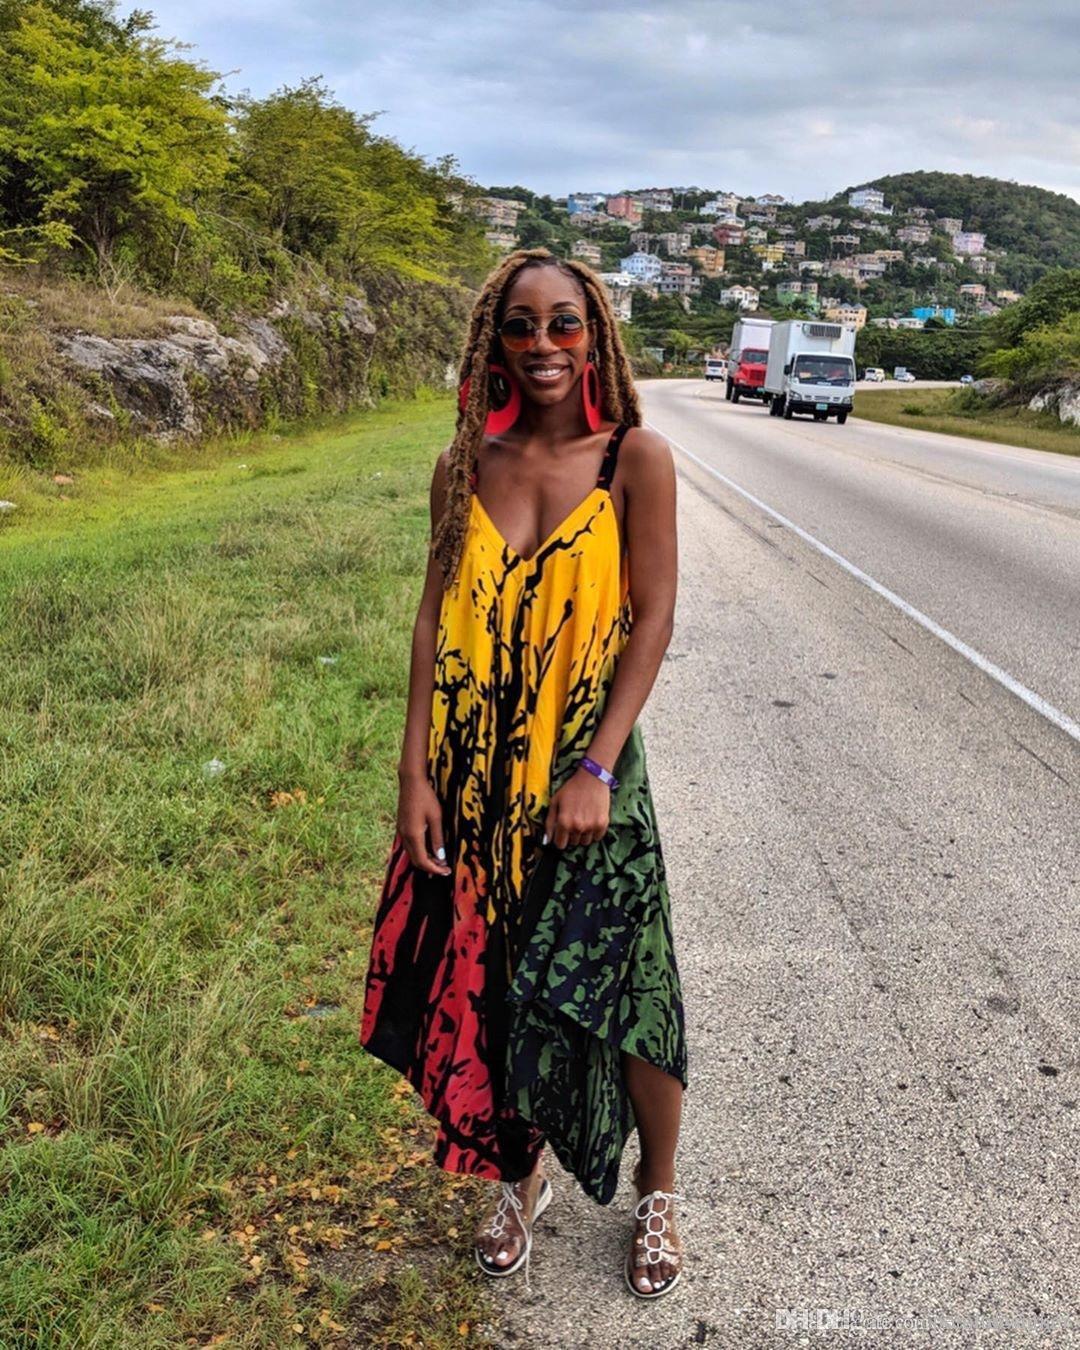 Femmes d'été Designer Tenues col en V manches Sling Femme Robes imprimé floral Style Mode Vêtements décontractés